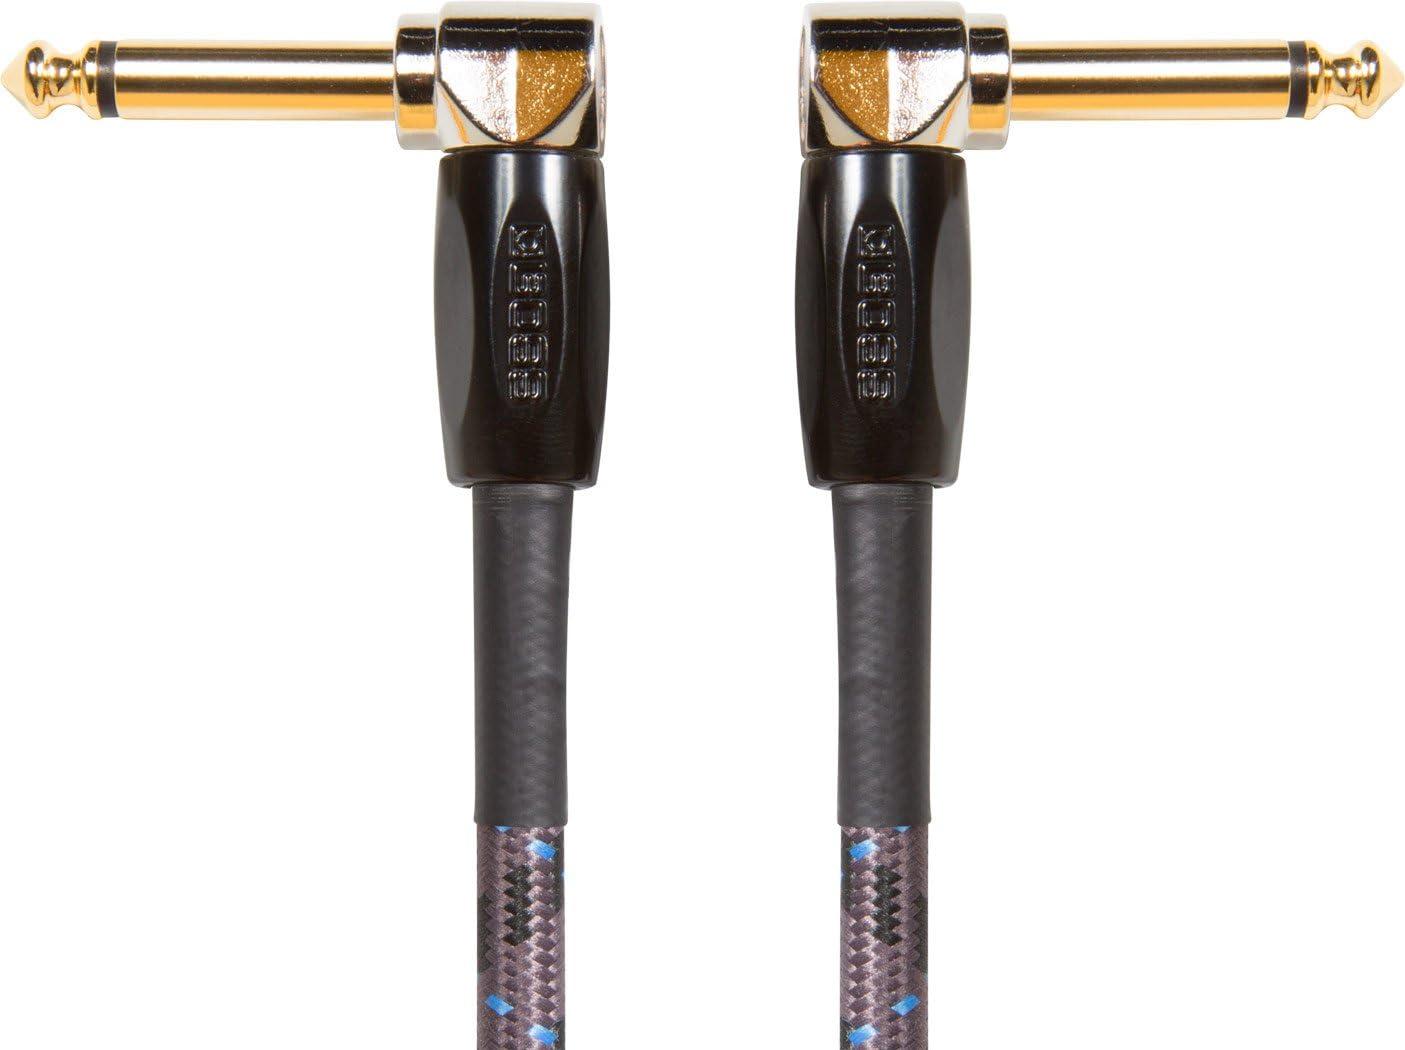 """Cavo BOSS BIC-1AA Patch/Pedali, Chitarra, Basso e Strumenti. Connettori angolo retto da 1/4"""", lunghezza 30 cm/1 ft."""